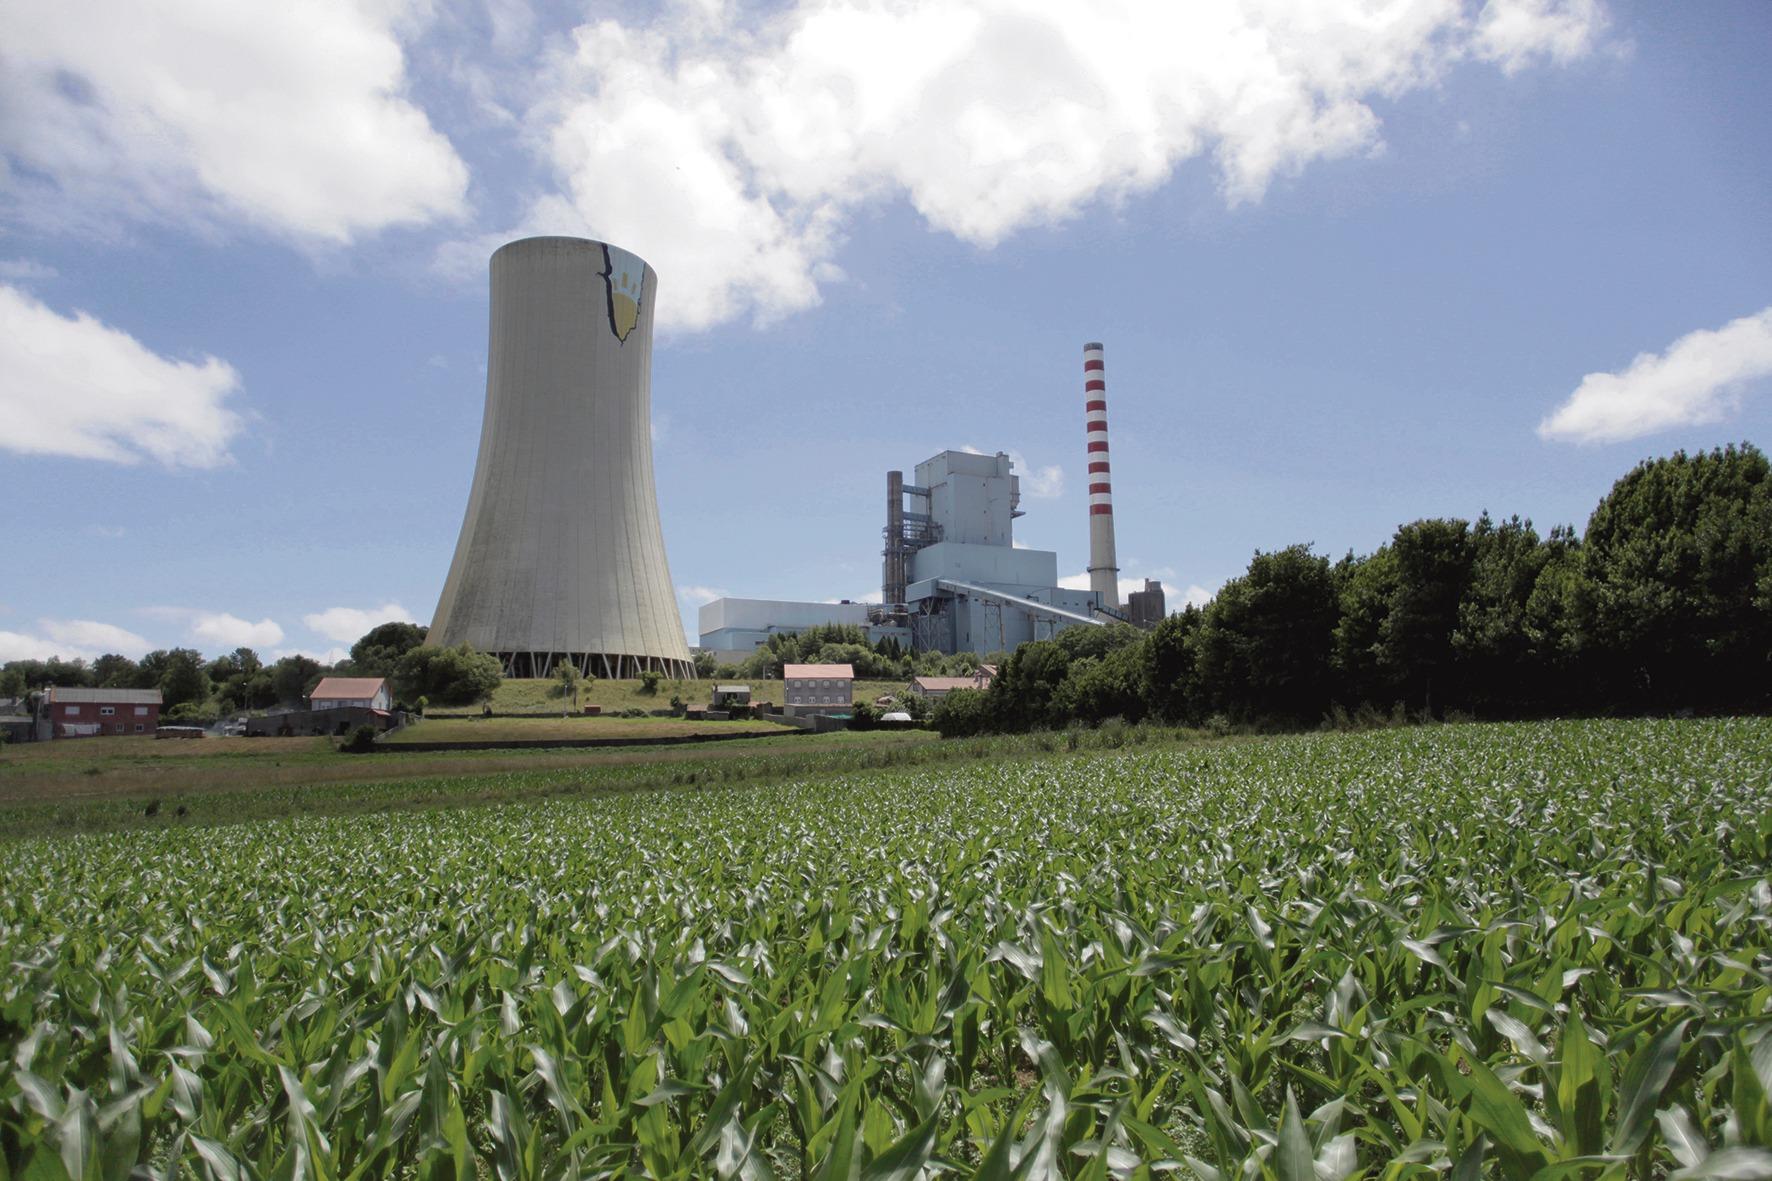 Das Kohlekraftwerk Meirama in Cerceda (A Coruña) ist eines von sieben, die am 30. Juni den Betrieb eingestellt haben. Foto: efe